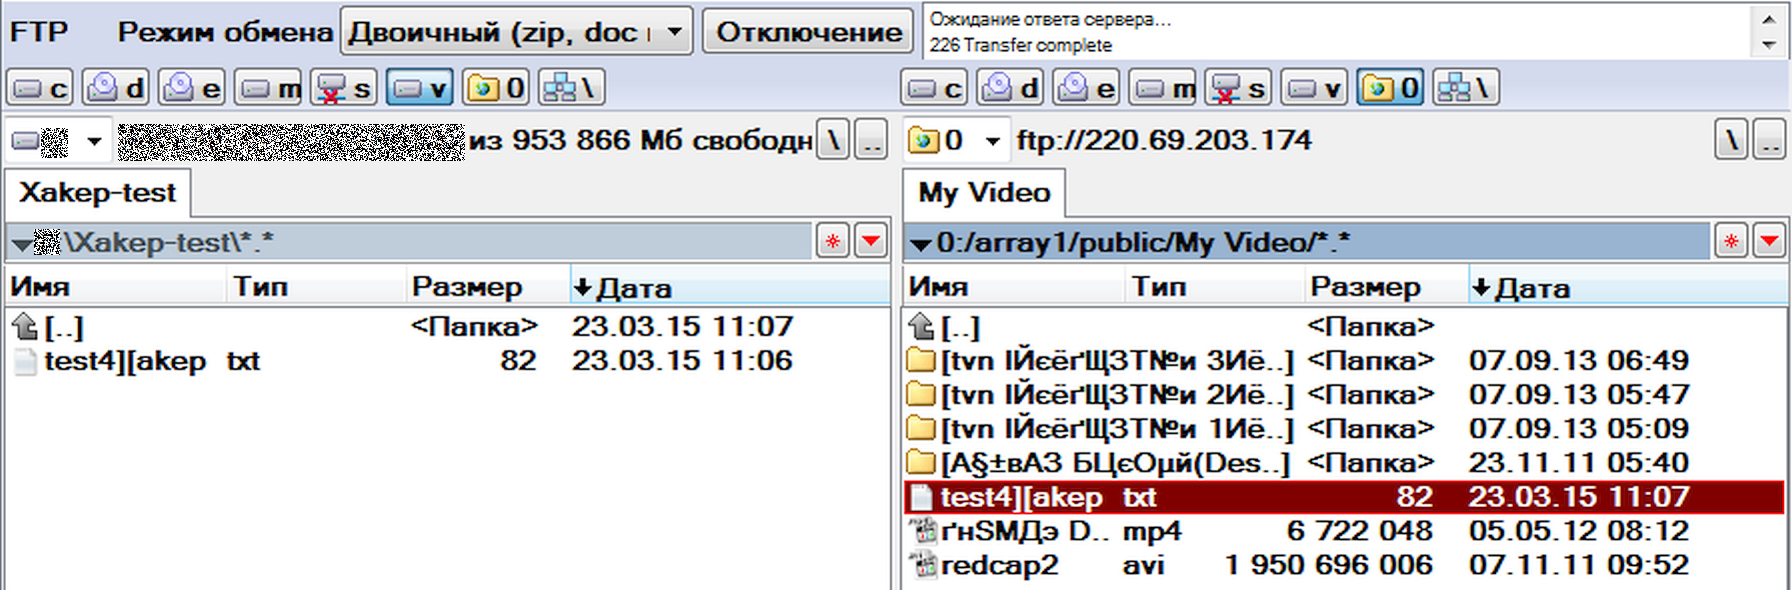 Загрузка файла на анонимный FTP